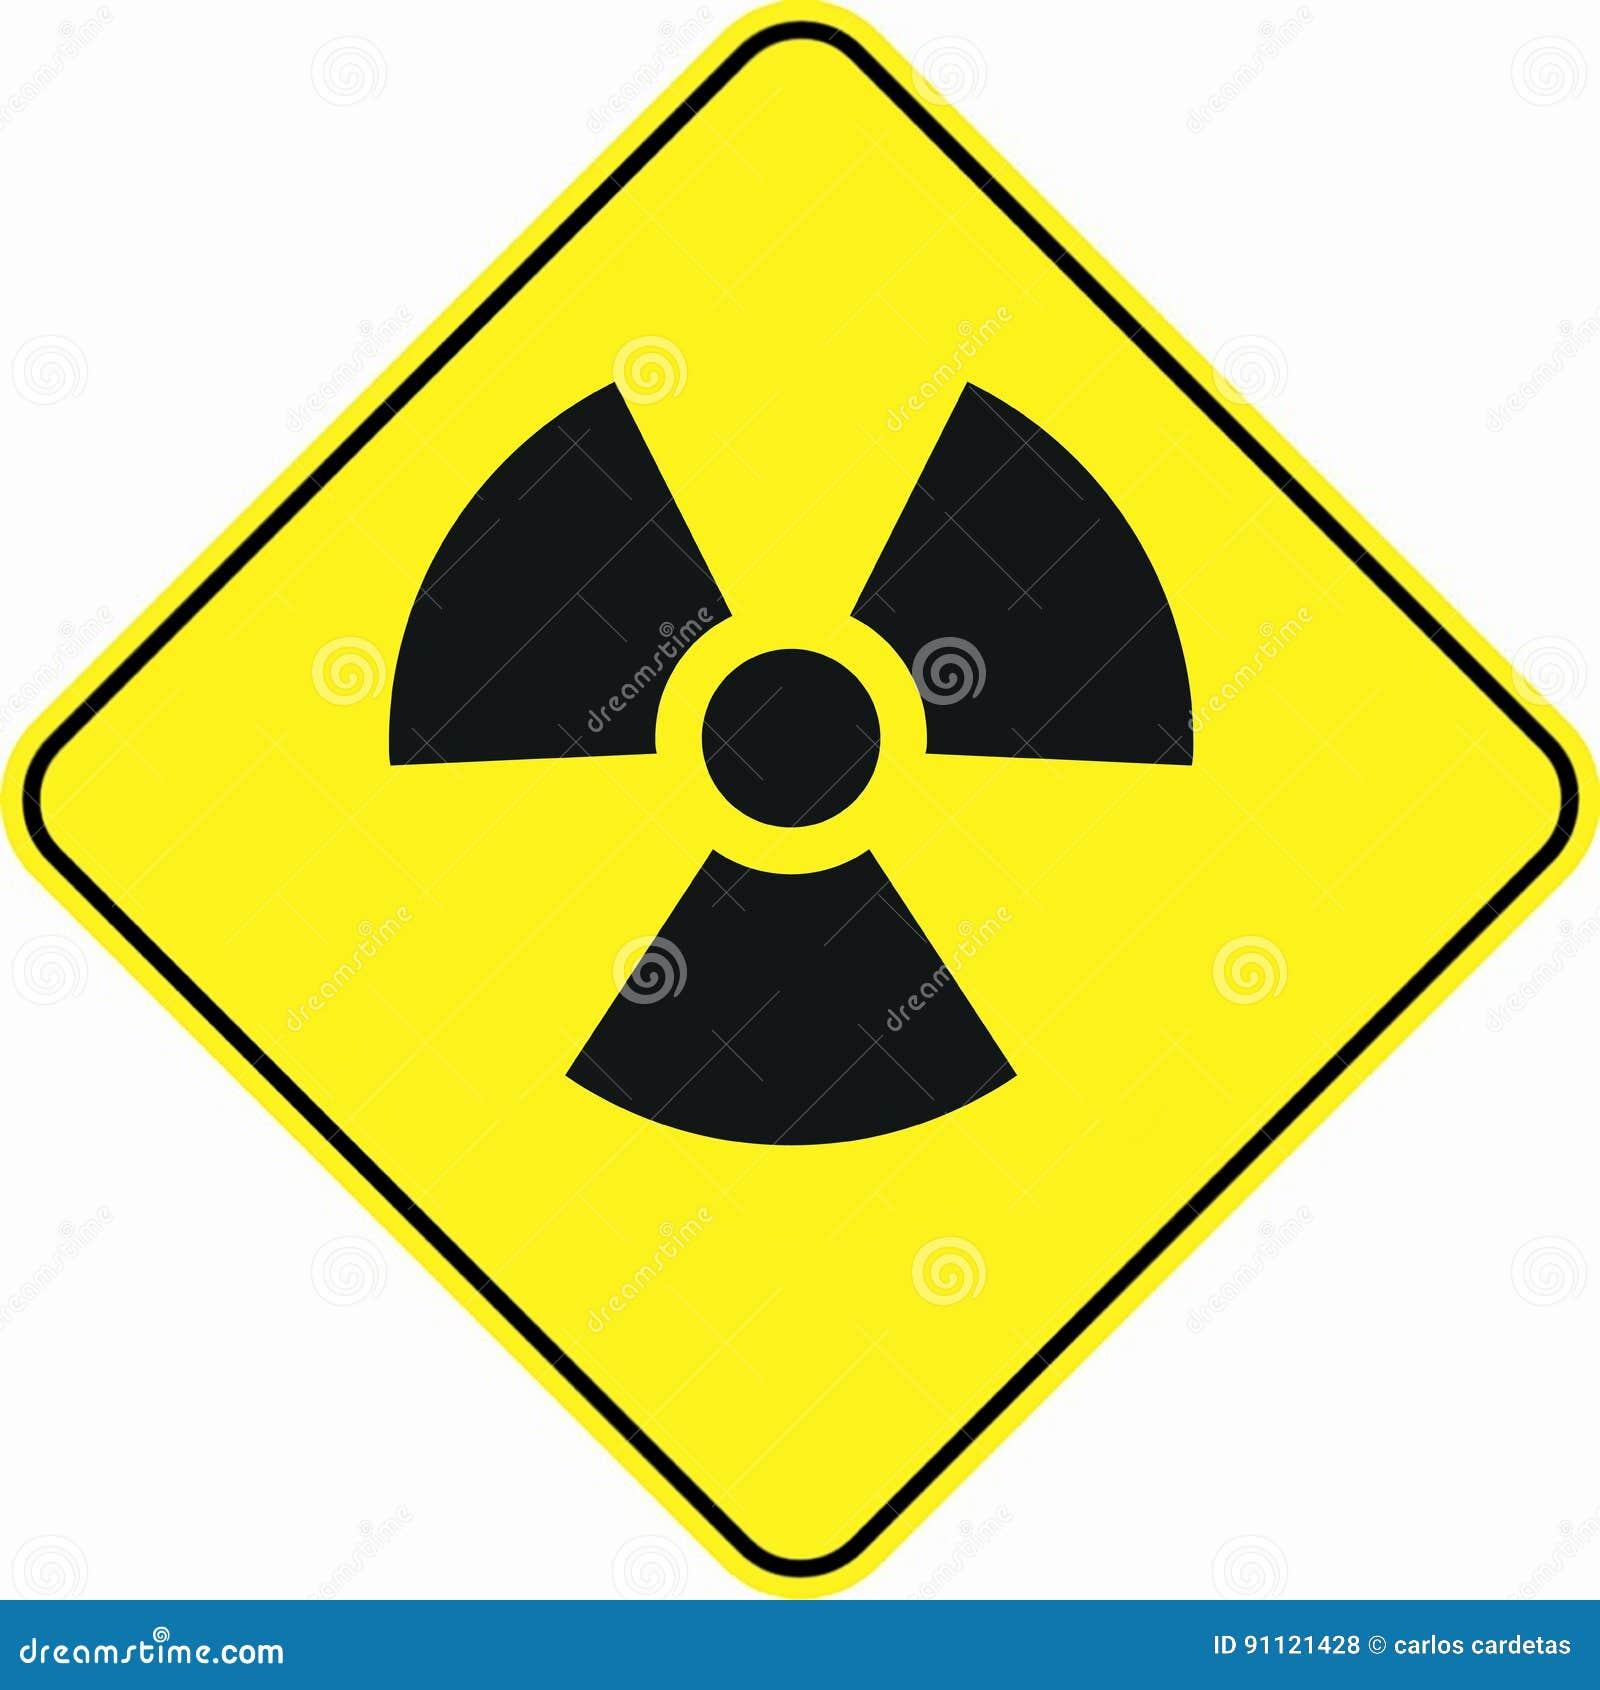 Radioactivity toxic zone symbol sign stock illustration radioactivity toxic zone symbol sign biocorpaavc